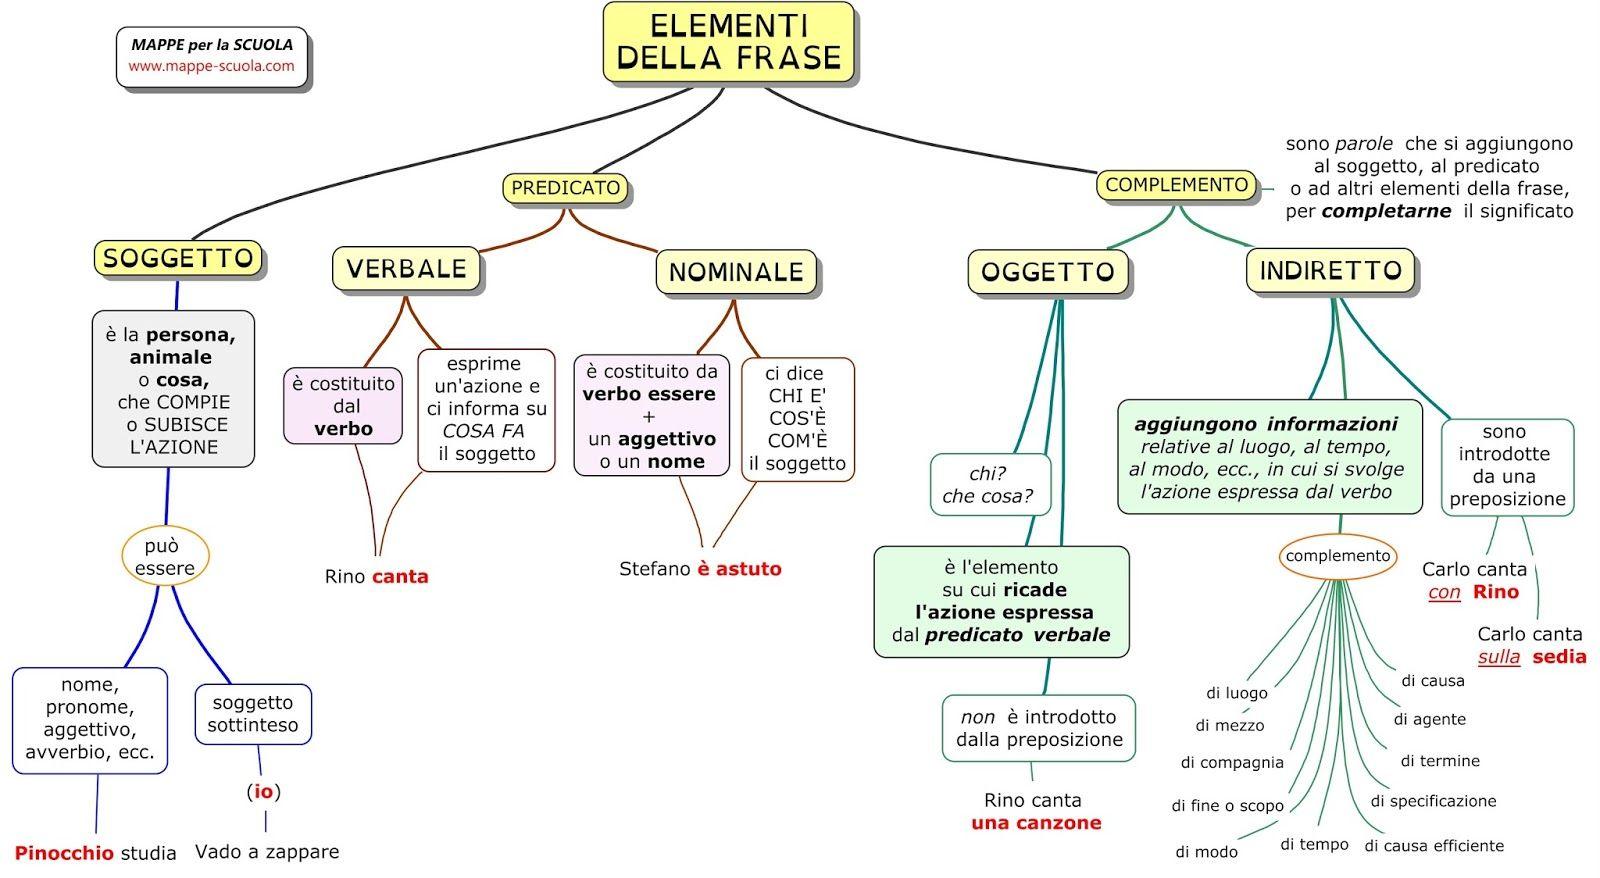 Mappa concettuale su elementi della frase soggetto for Complemento d arredo in inglese